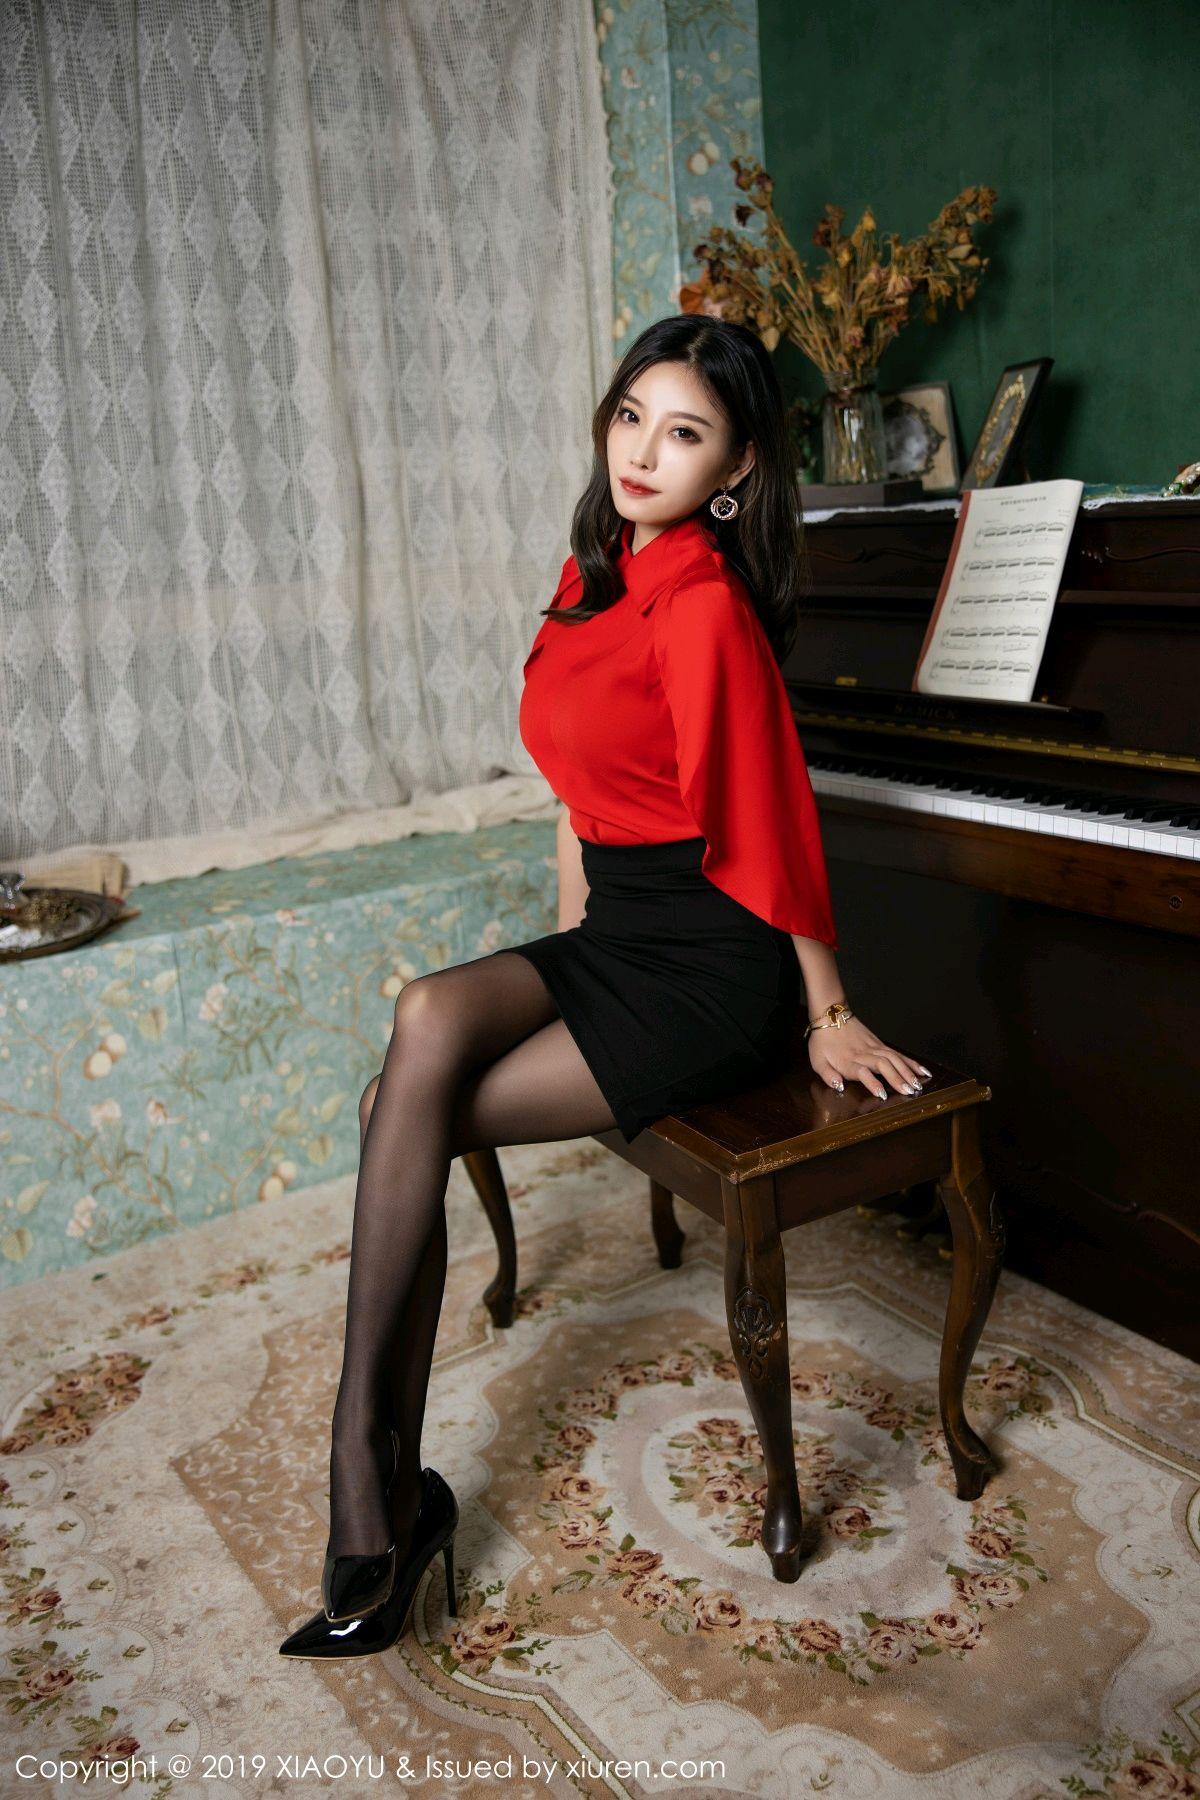 [XiaoYu] Vol.119 Yang Chen Chen 18P, Black Silk, Tall, Temperament, XiaoYu, Yang Chen Chen